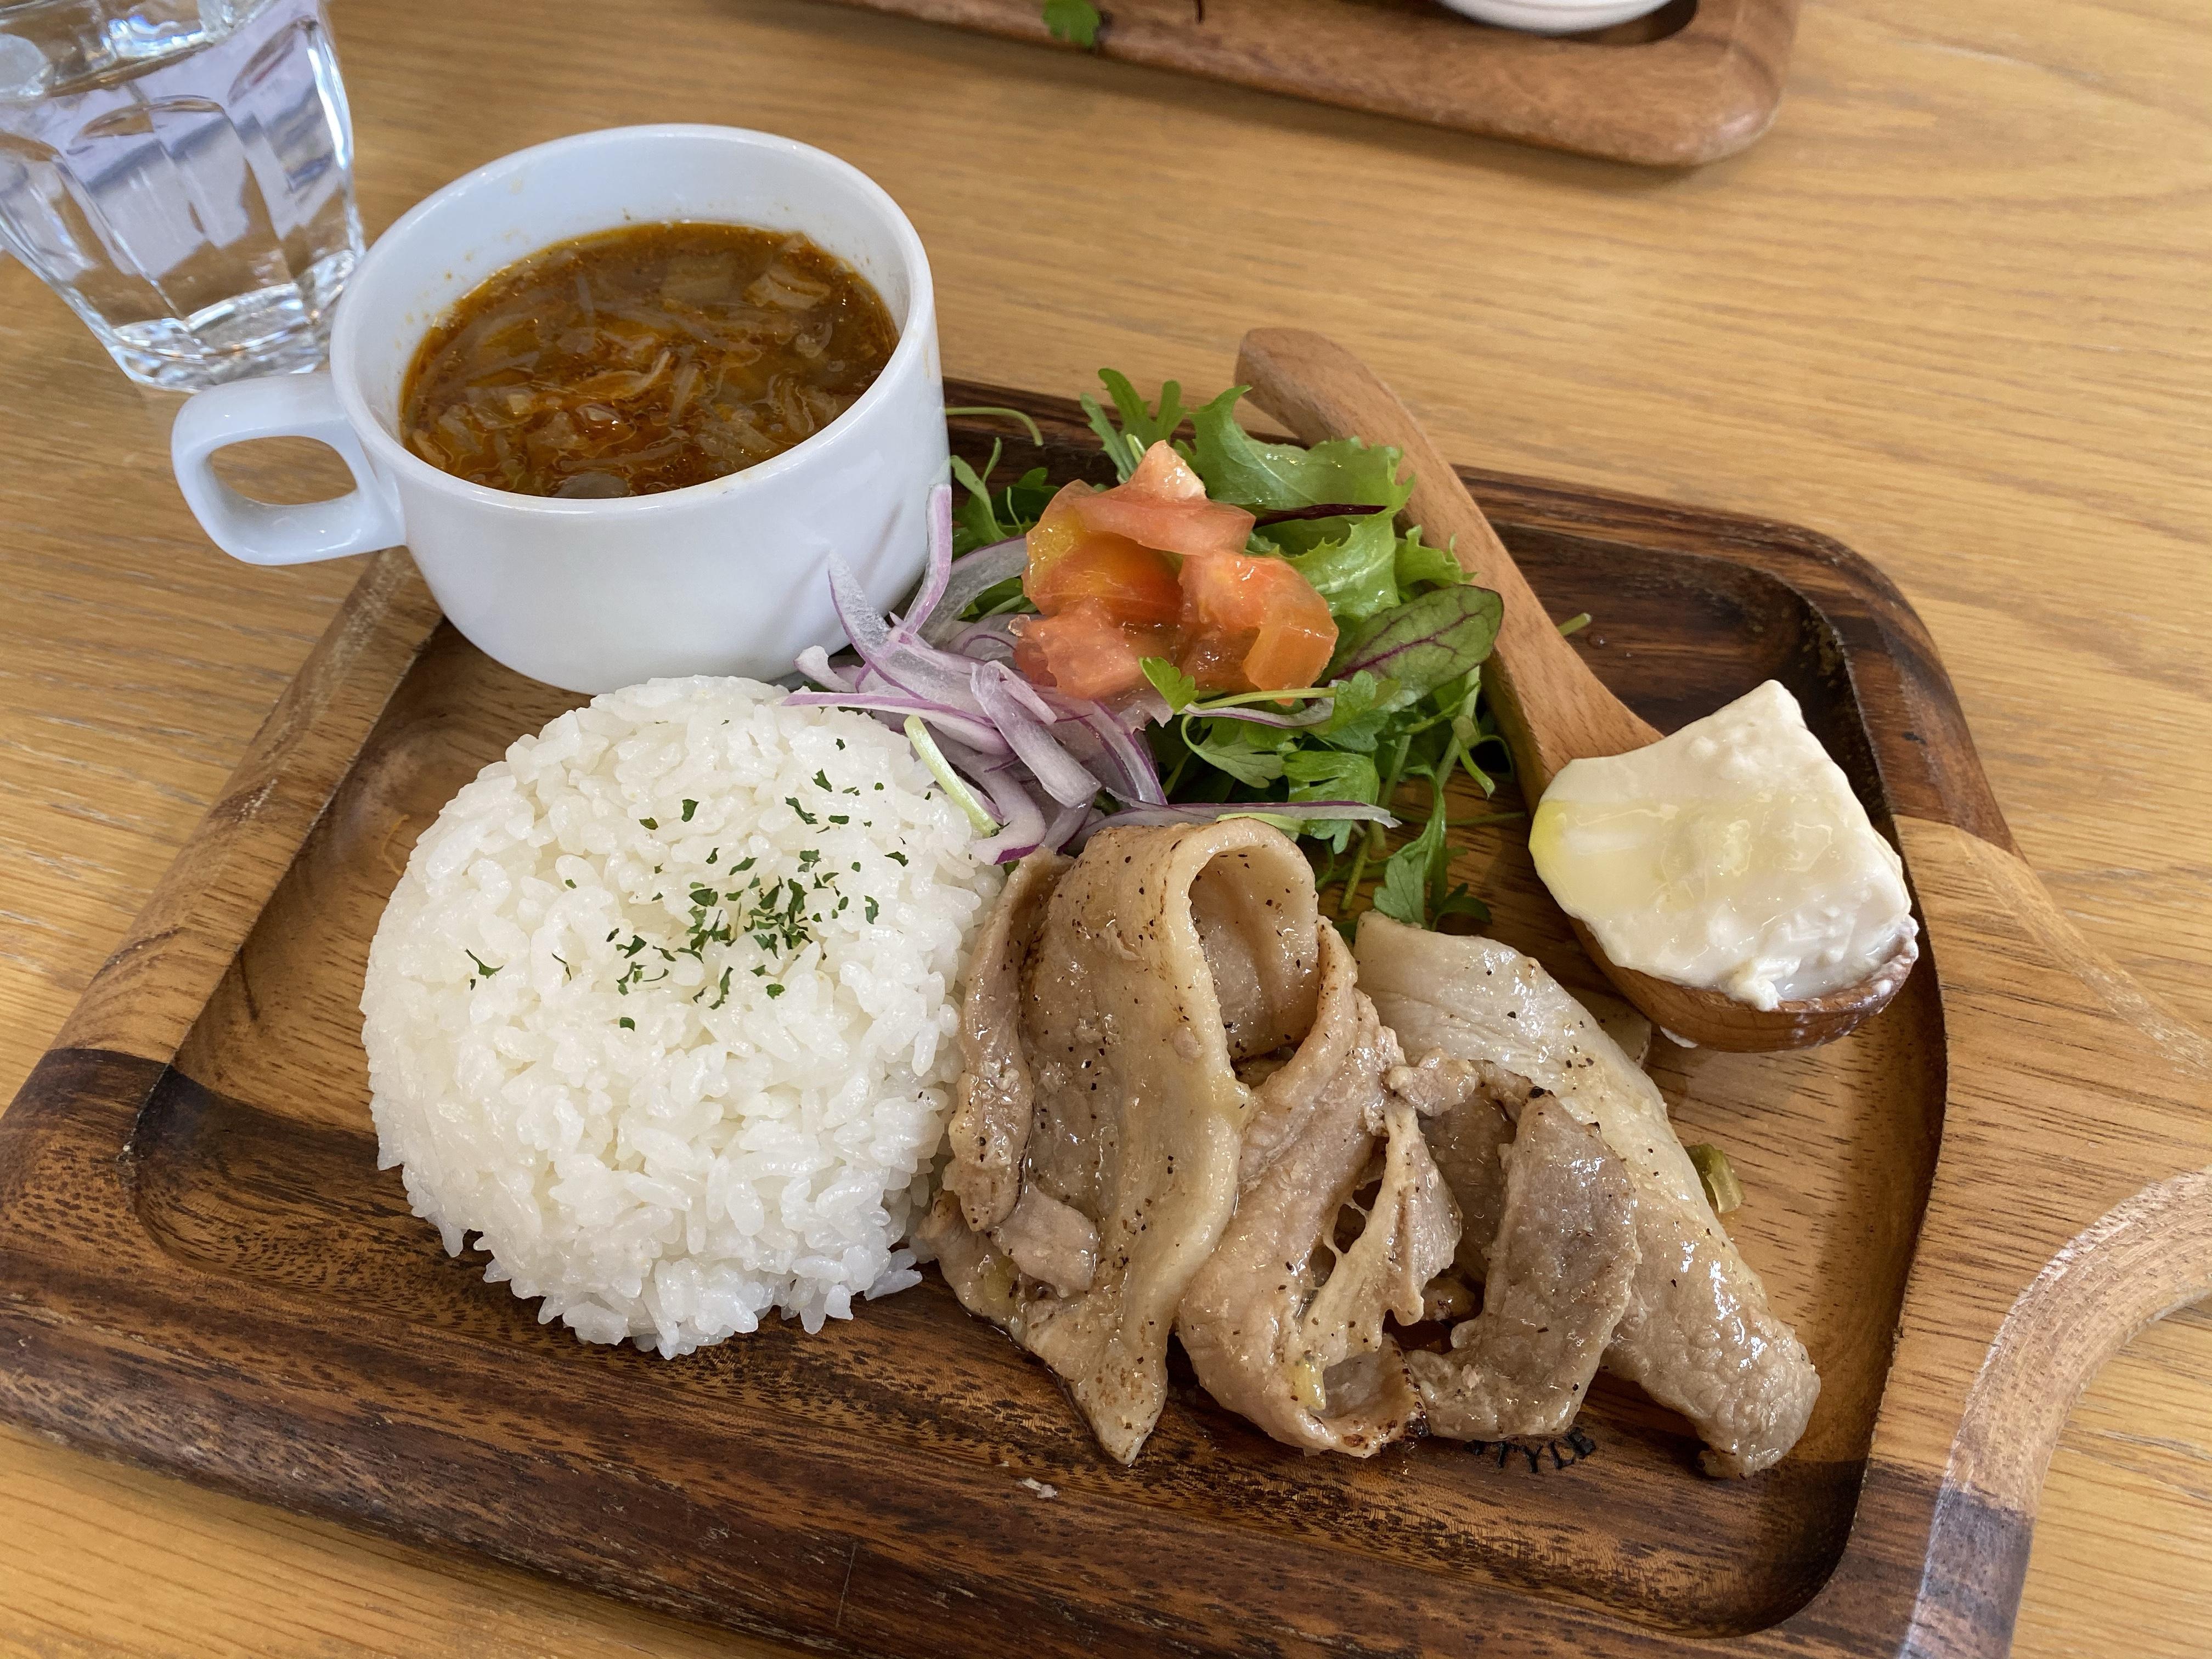 【長野駅から徒歩5分】「カフェ サラダタベル」で平日限定「ワンコインランチ」をいただきました!